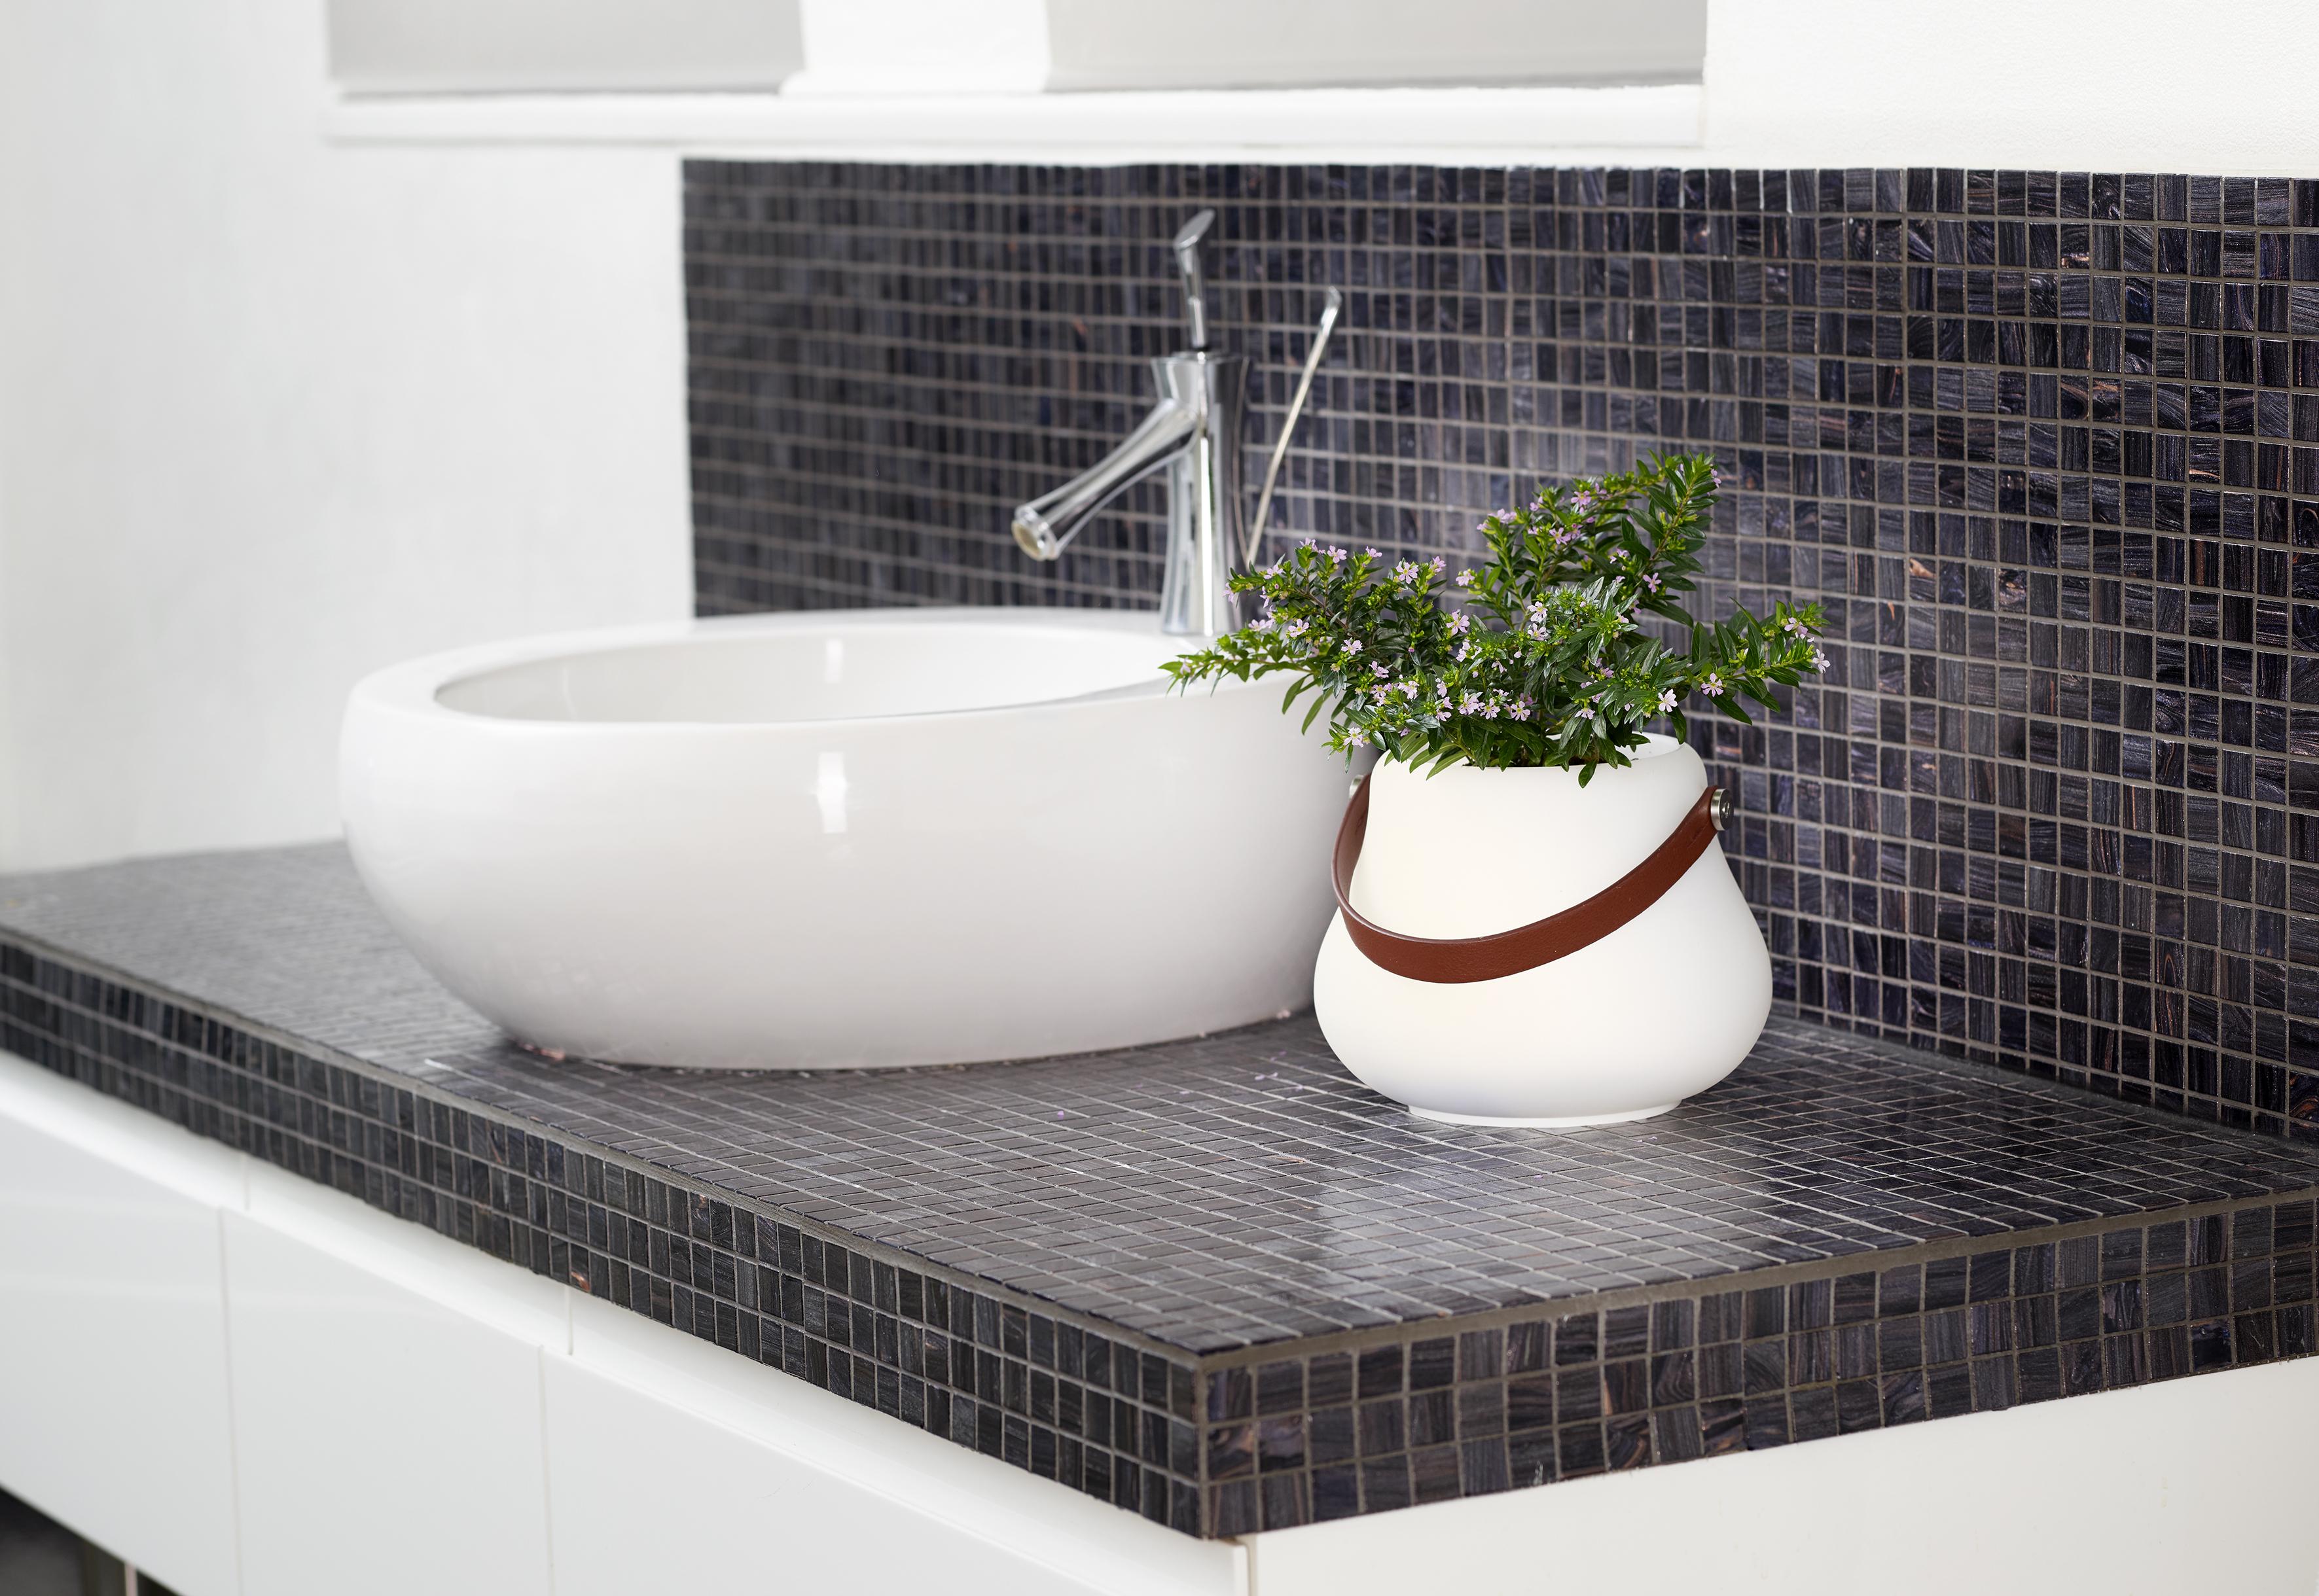 Ein kleiner leuchtender Blumentopf steht neben einem Waschbecken im Bad